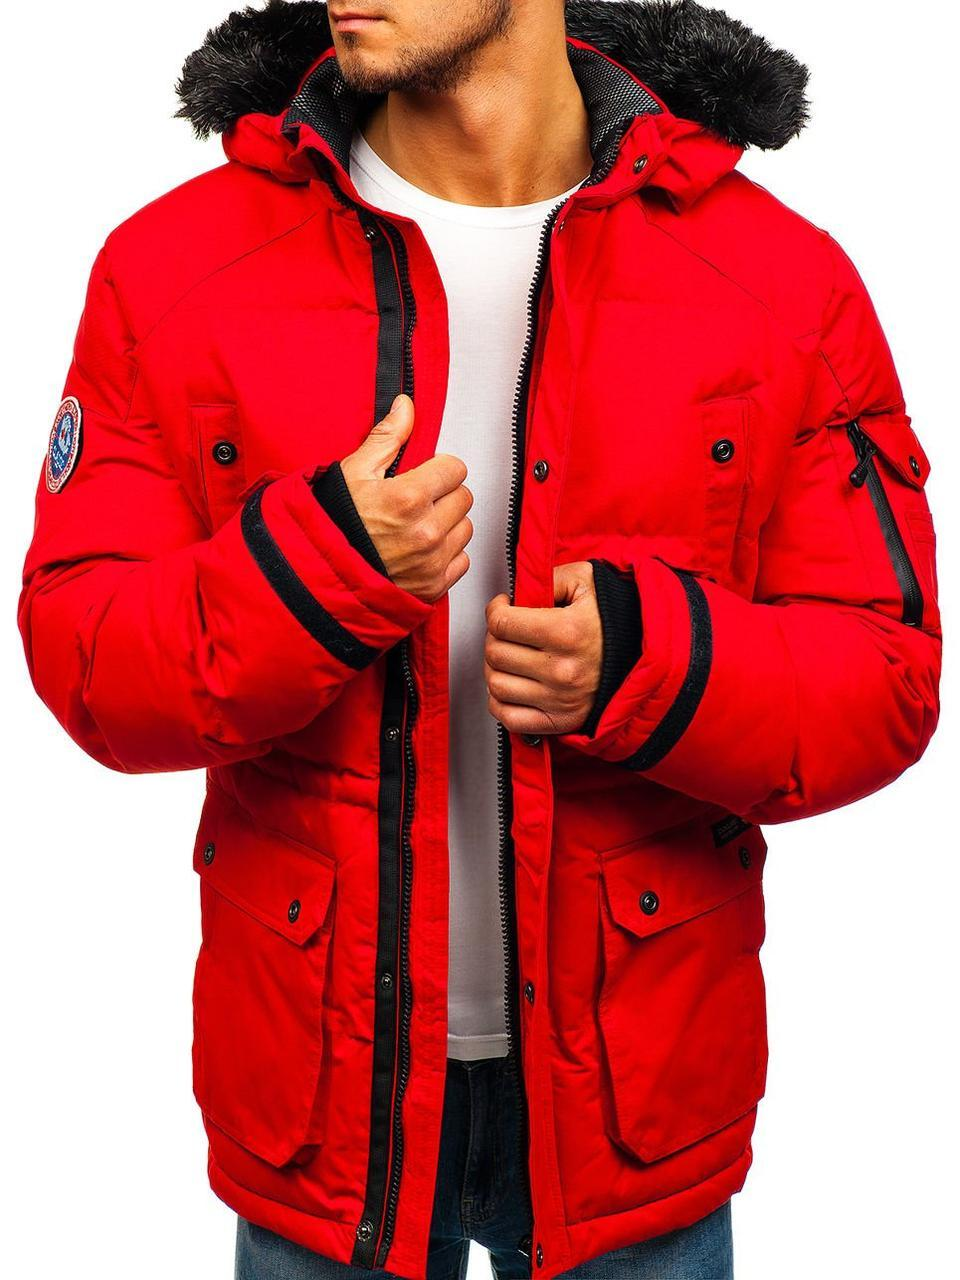 Зимняя стёганая мужская куртка с капюшоном №6 Красный